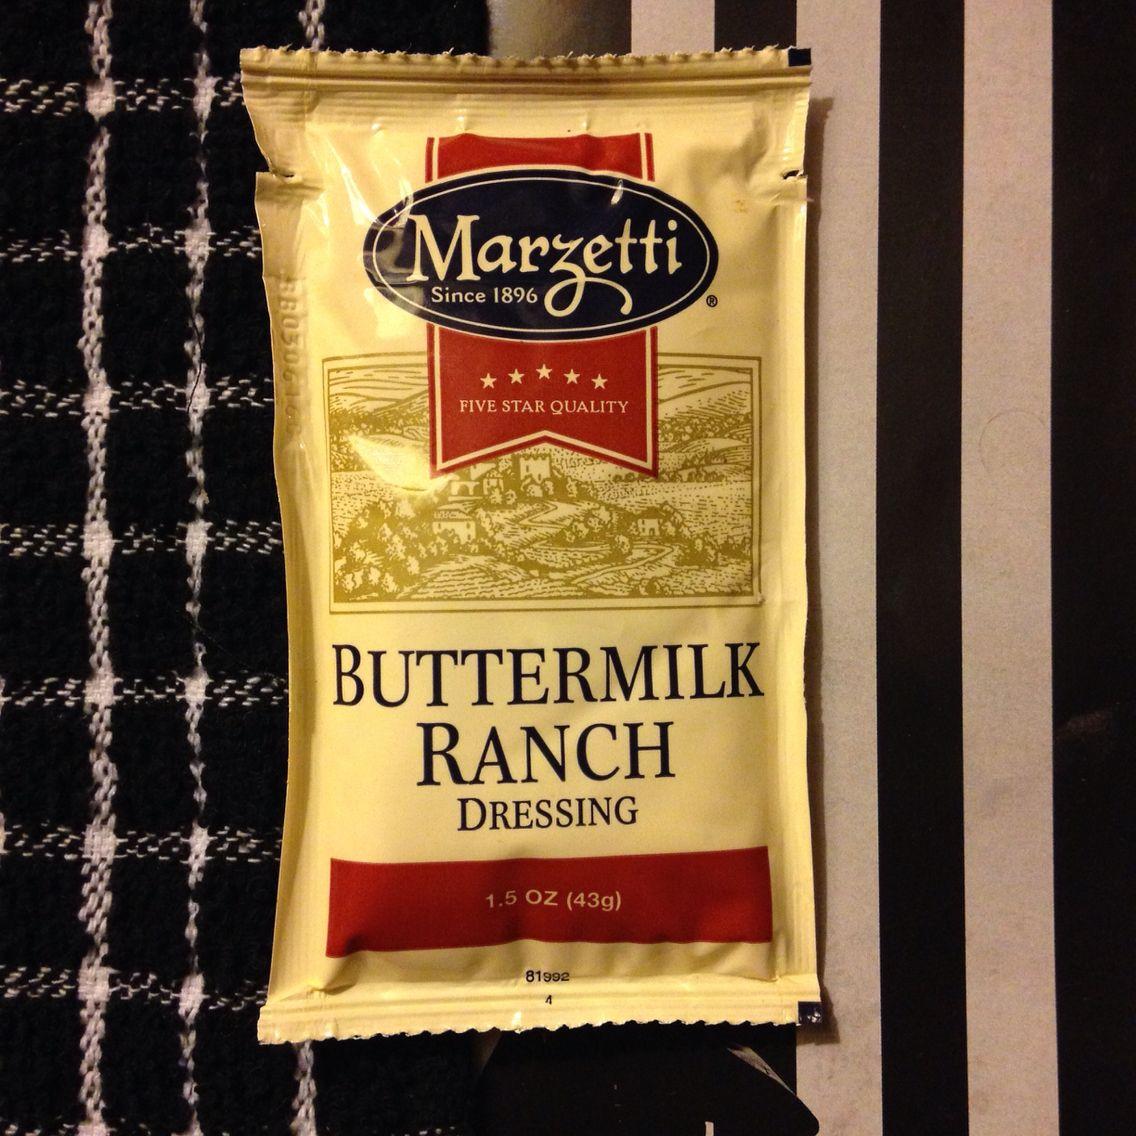 Marzetti Buttermilk Ranch Salad Dressing 1 5 Oz 43g Individual Packet Buttermilk Ranch Dressing Buttermilk Ranch Salad Dressing Buttermilk Ranch